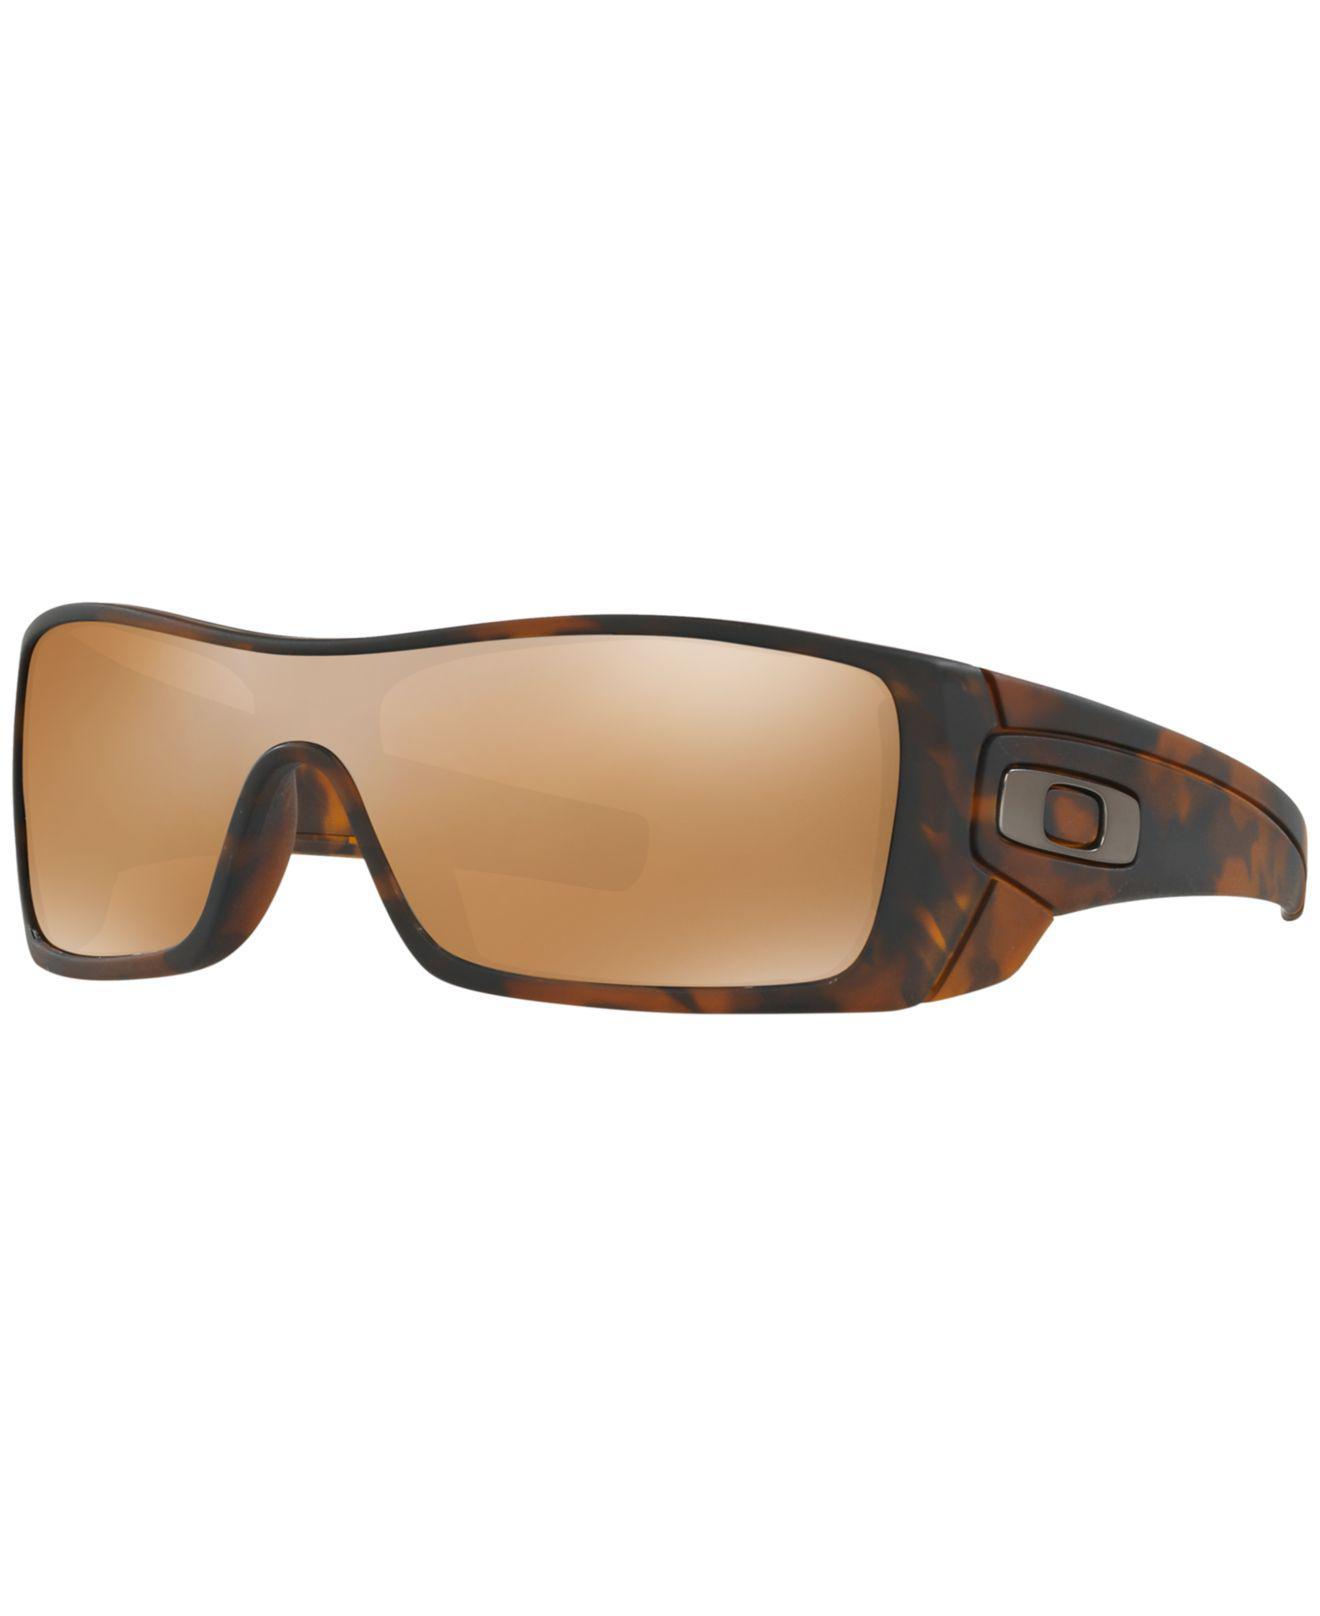 Lyst - Oakley Batwolf Sunglasses, Oo9101 in Brown for Men